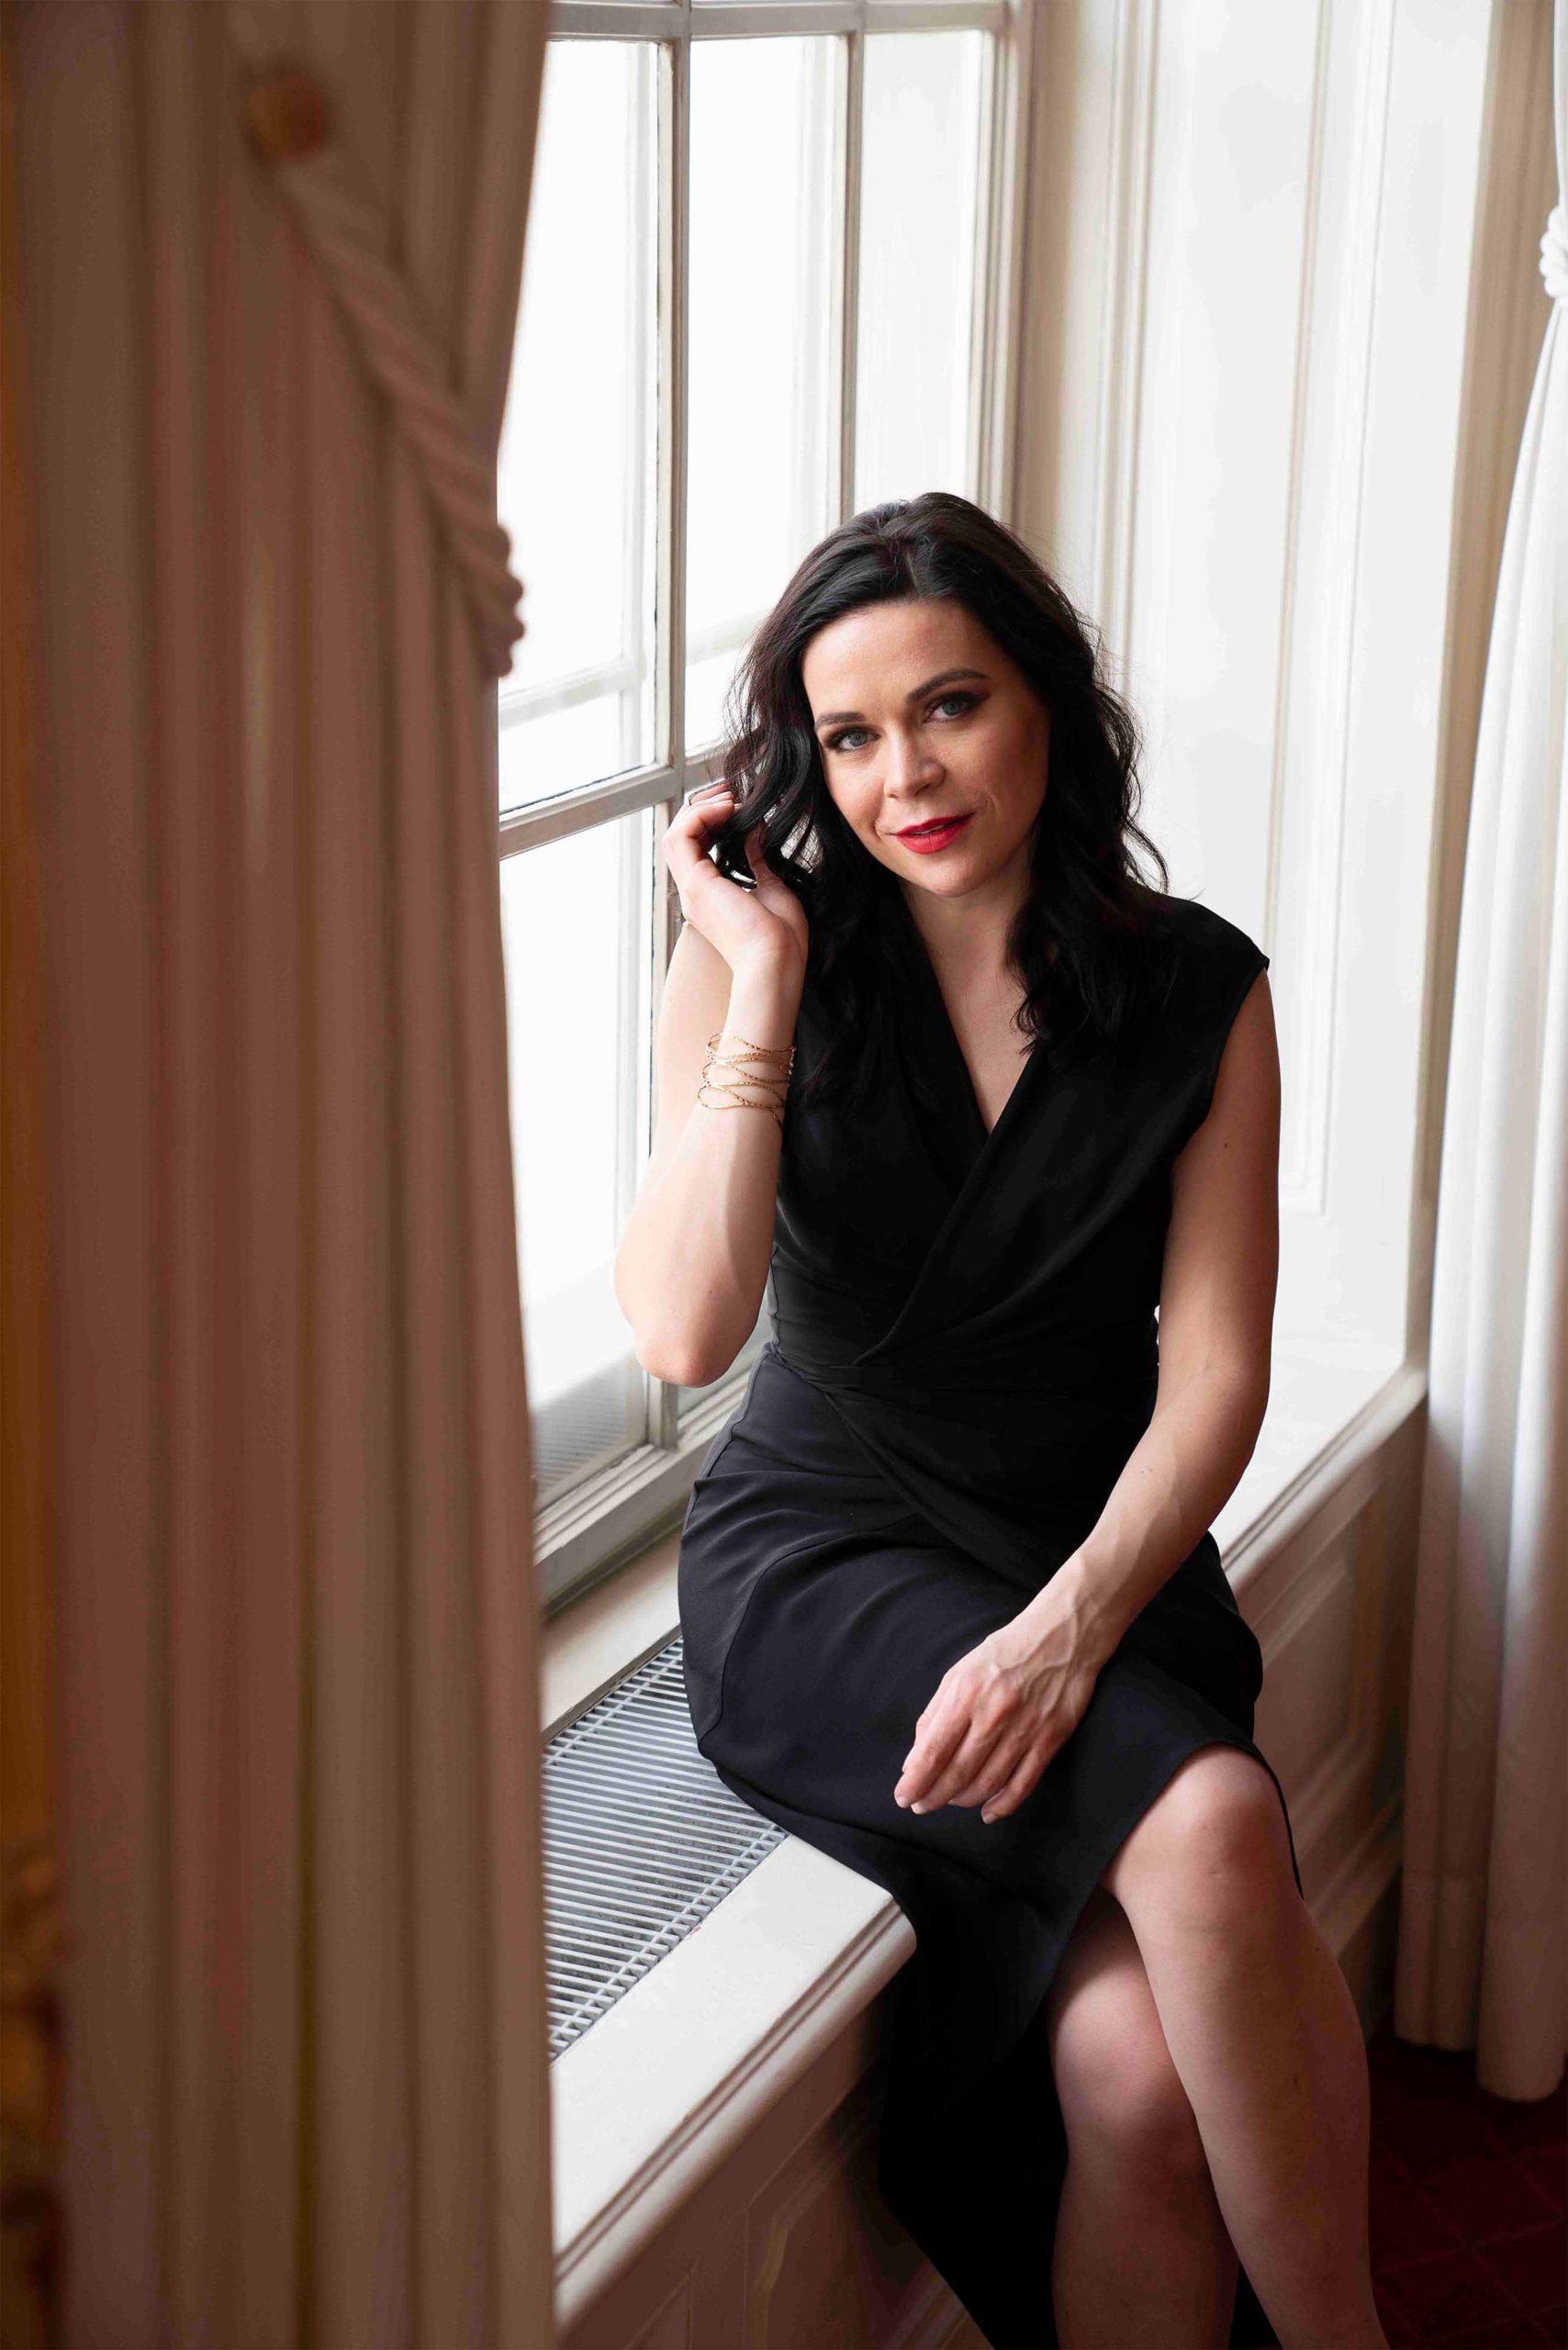 Sieglinde Feldhofer sitzt auf einer Fensterbank in der Grazer Oper während sie in die Kamera lächelt © Sara Sera